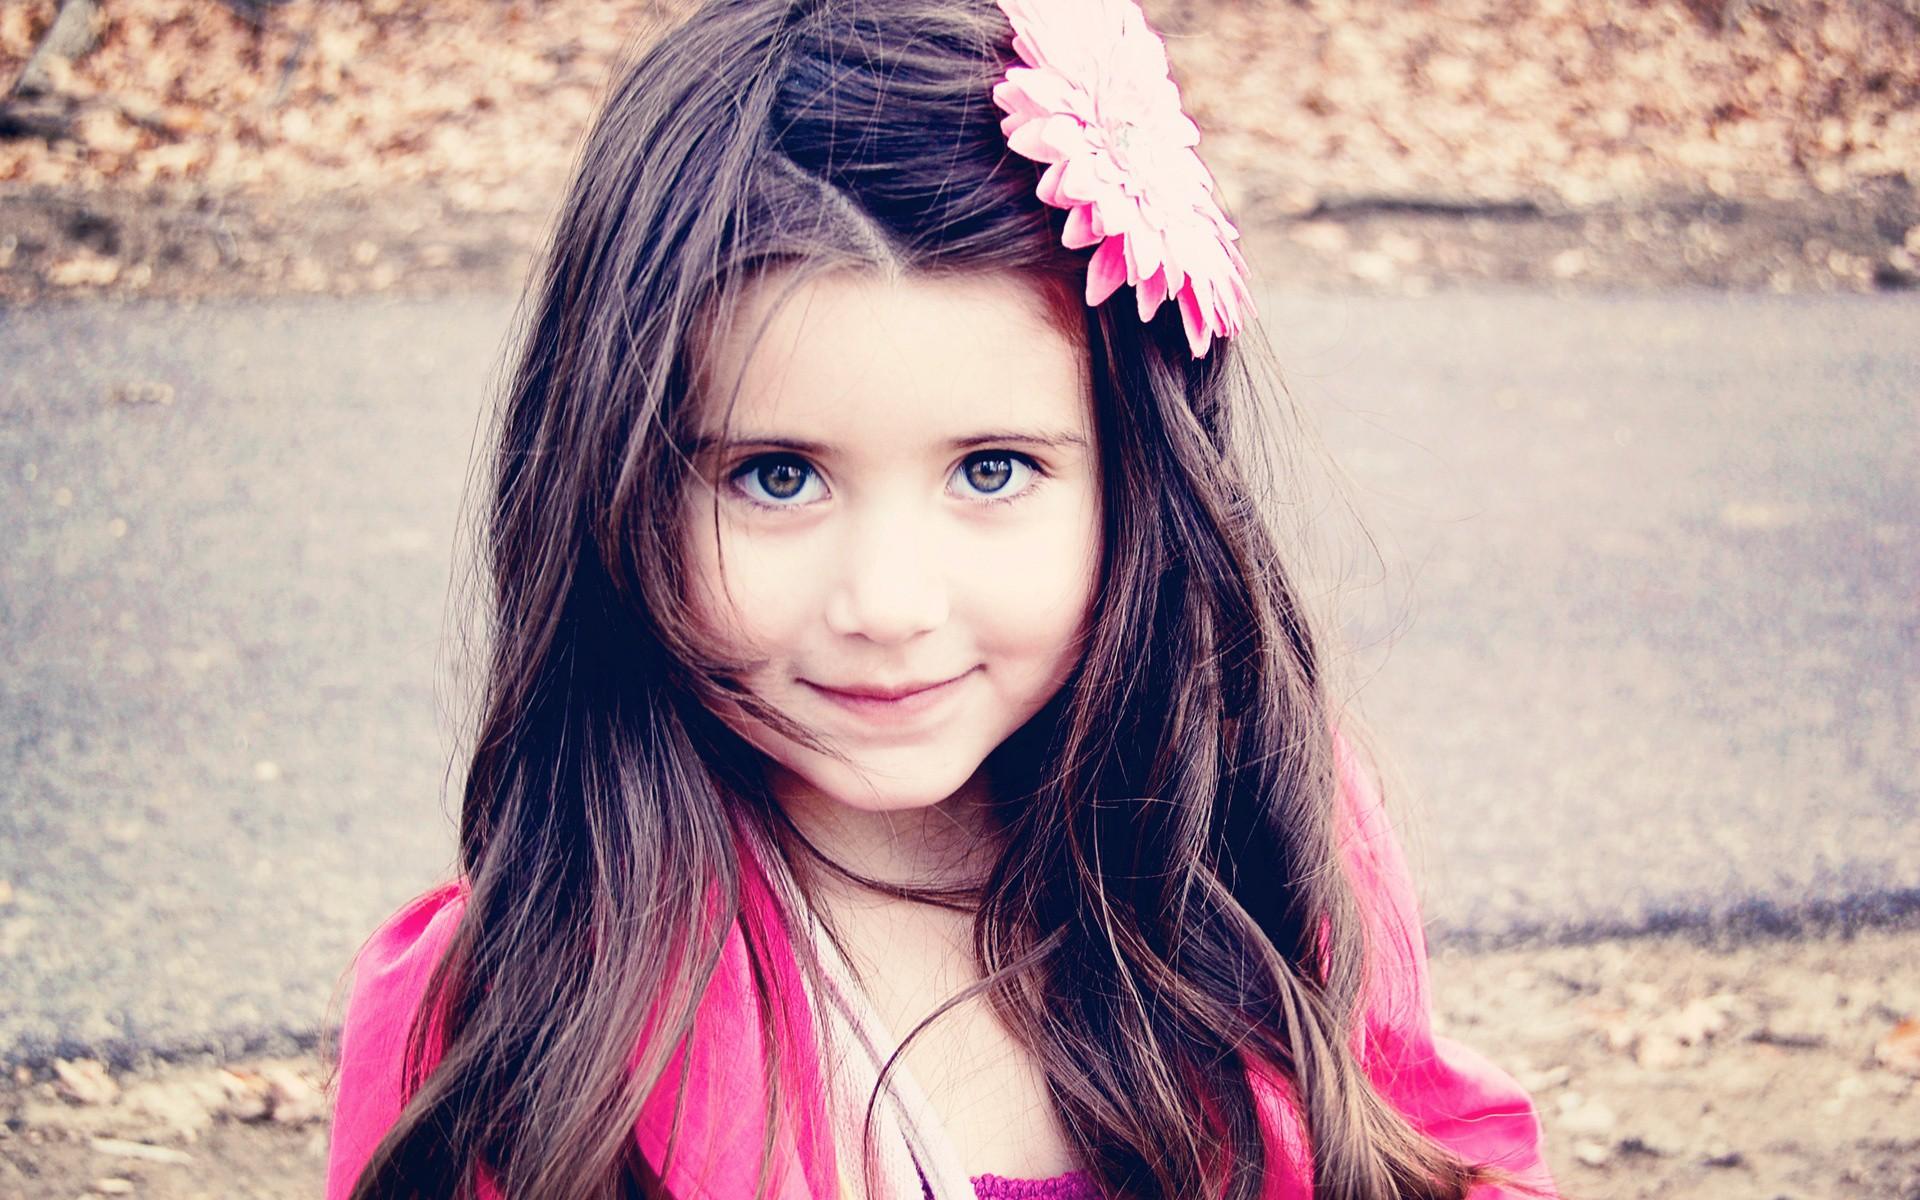 بالصور اجمل الصور للاطفال البنات , اروع صور البنات الصغار 3734 11